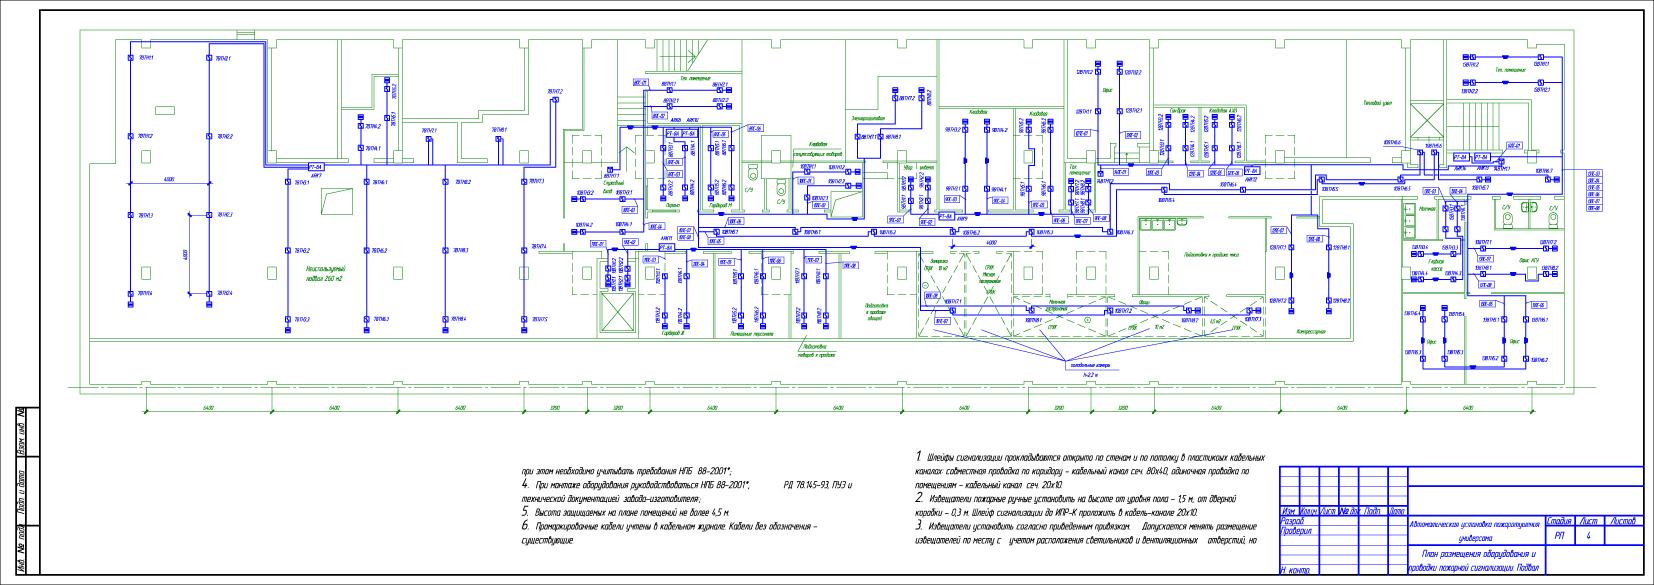 принципиальная схема системы порошкового пожаротушения